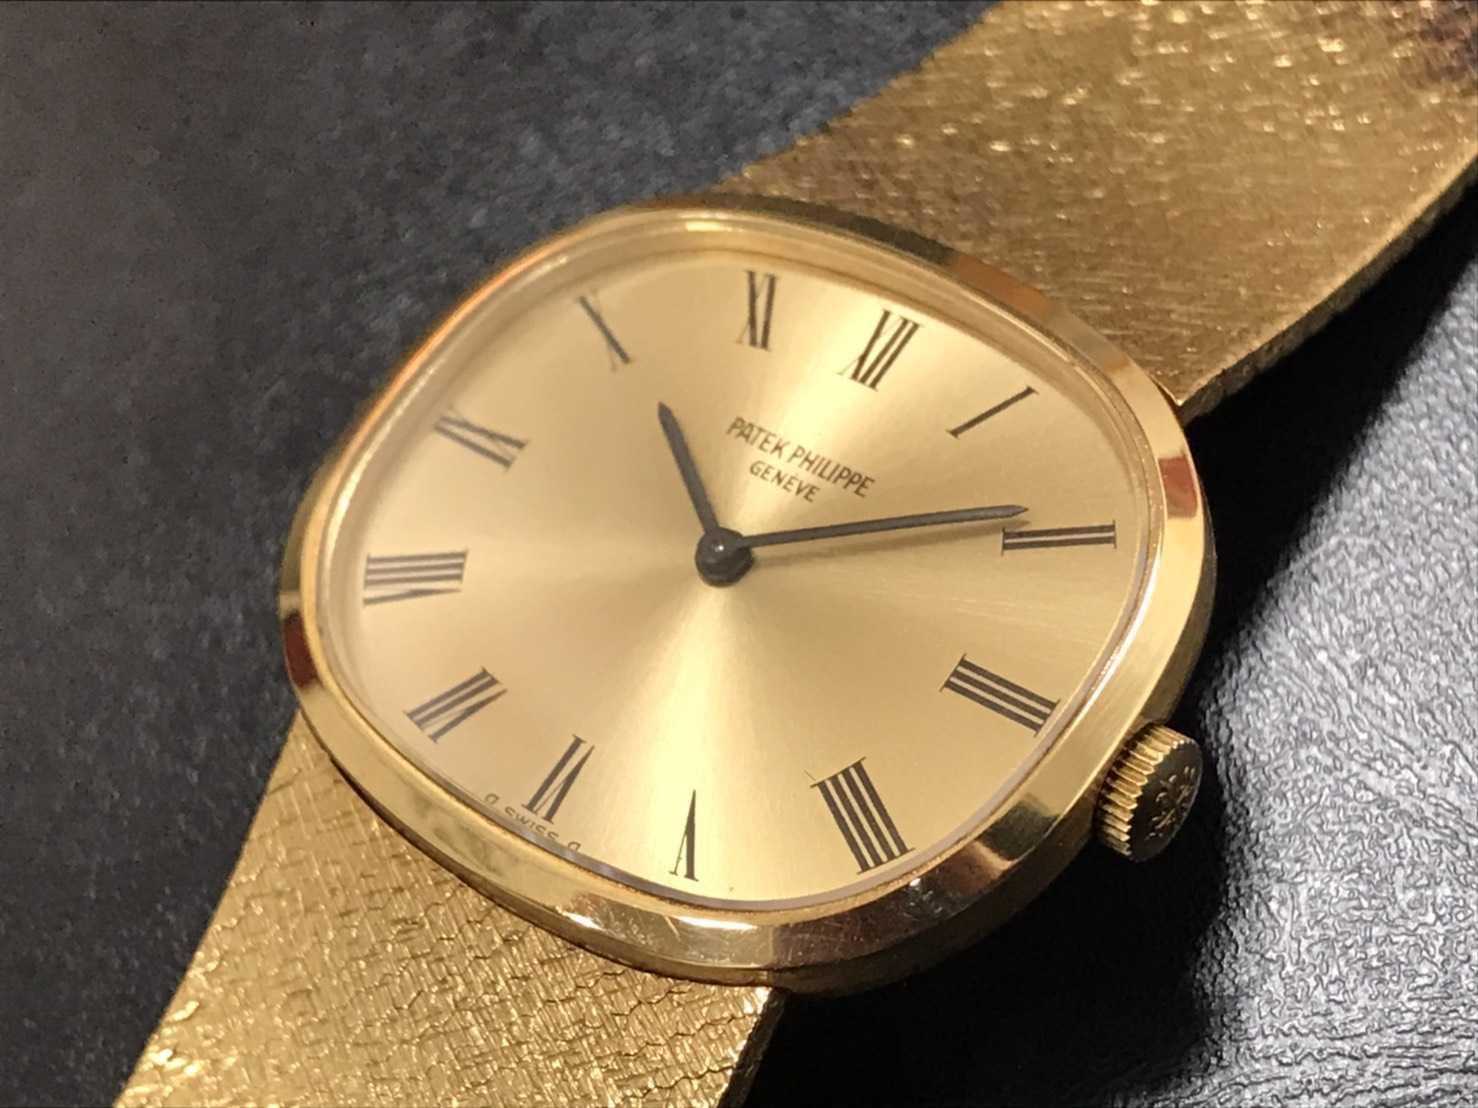 パテックフィリップ買取 古い手巻き時計